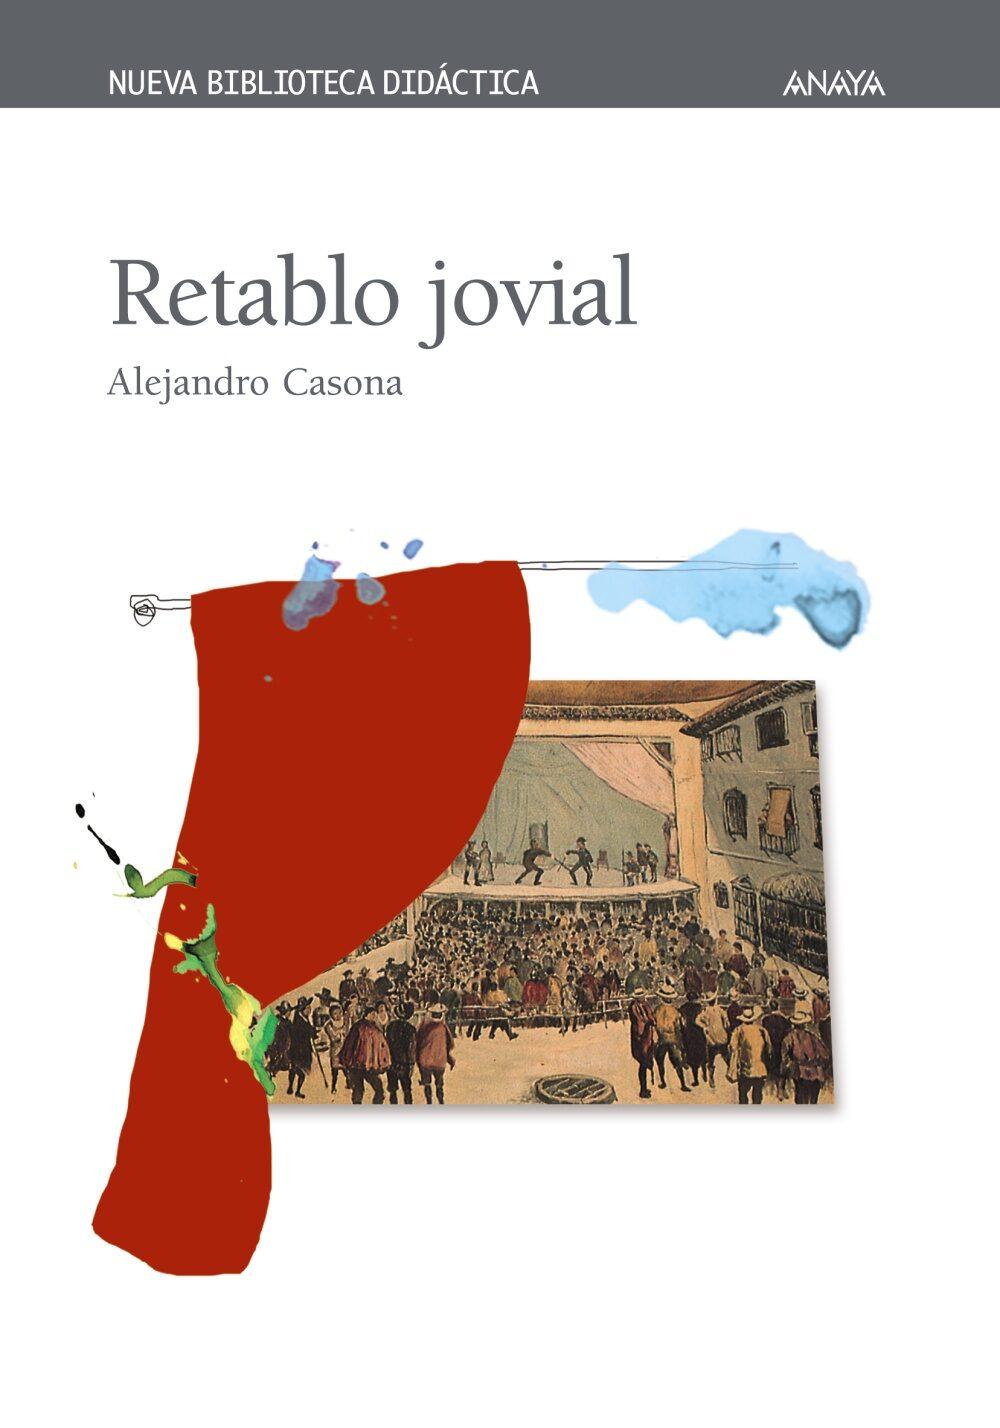 gratis retablo jovial alejandro casona